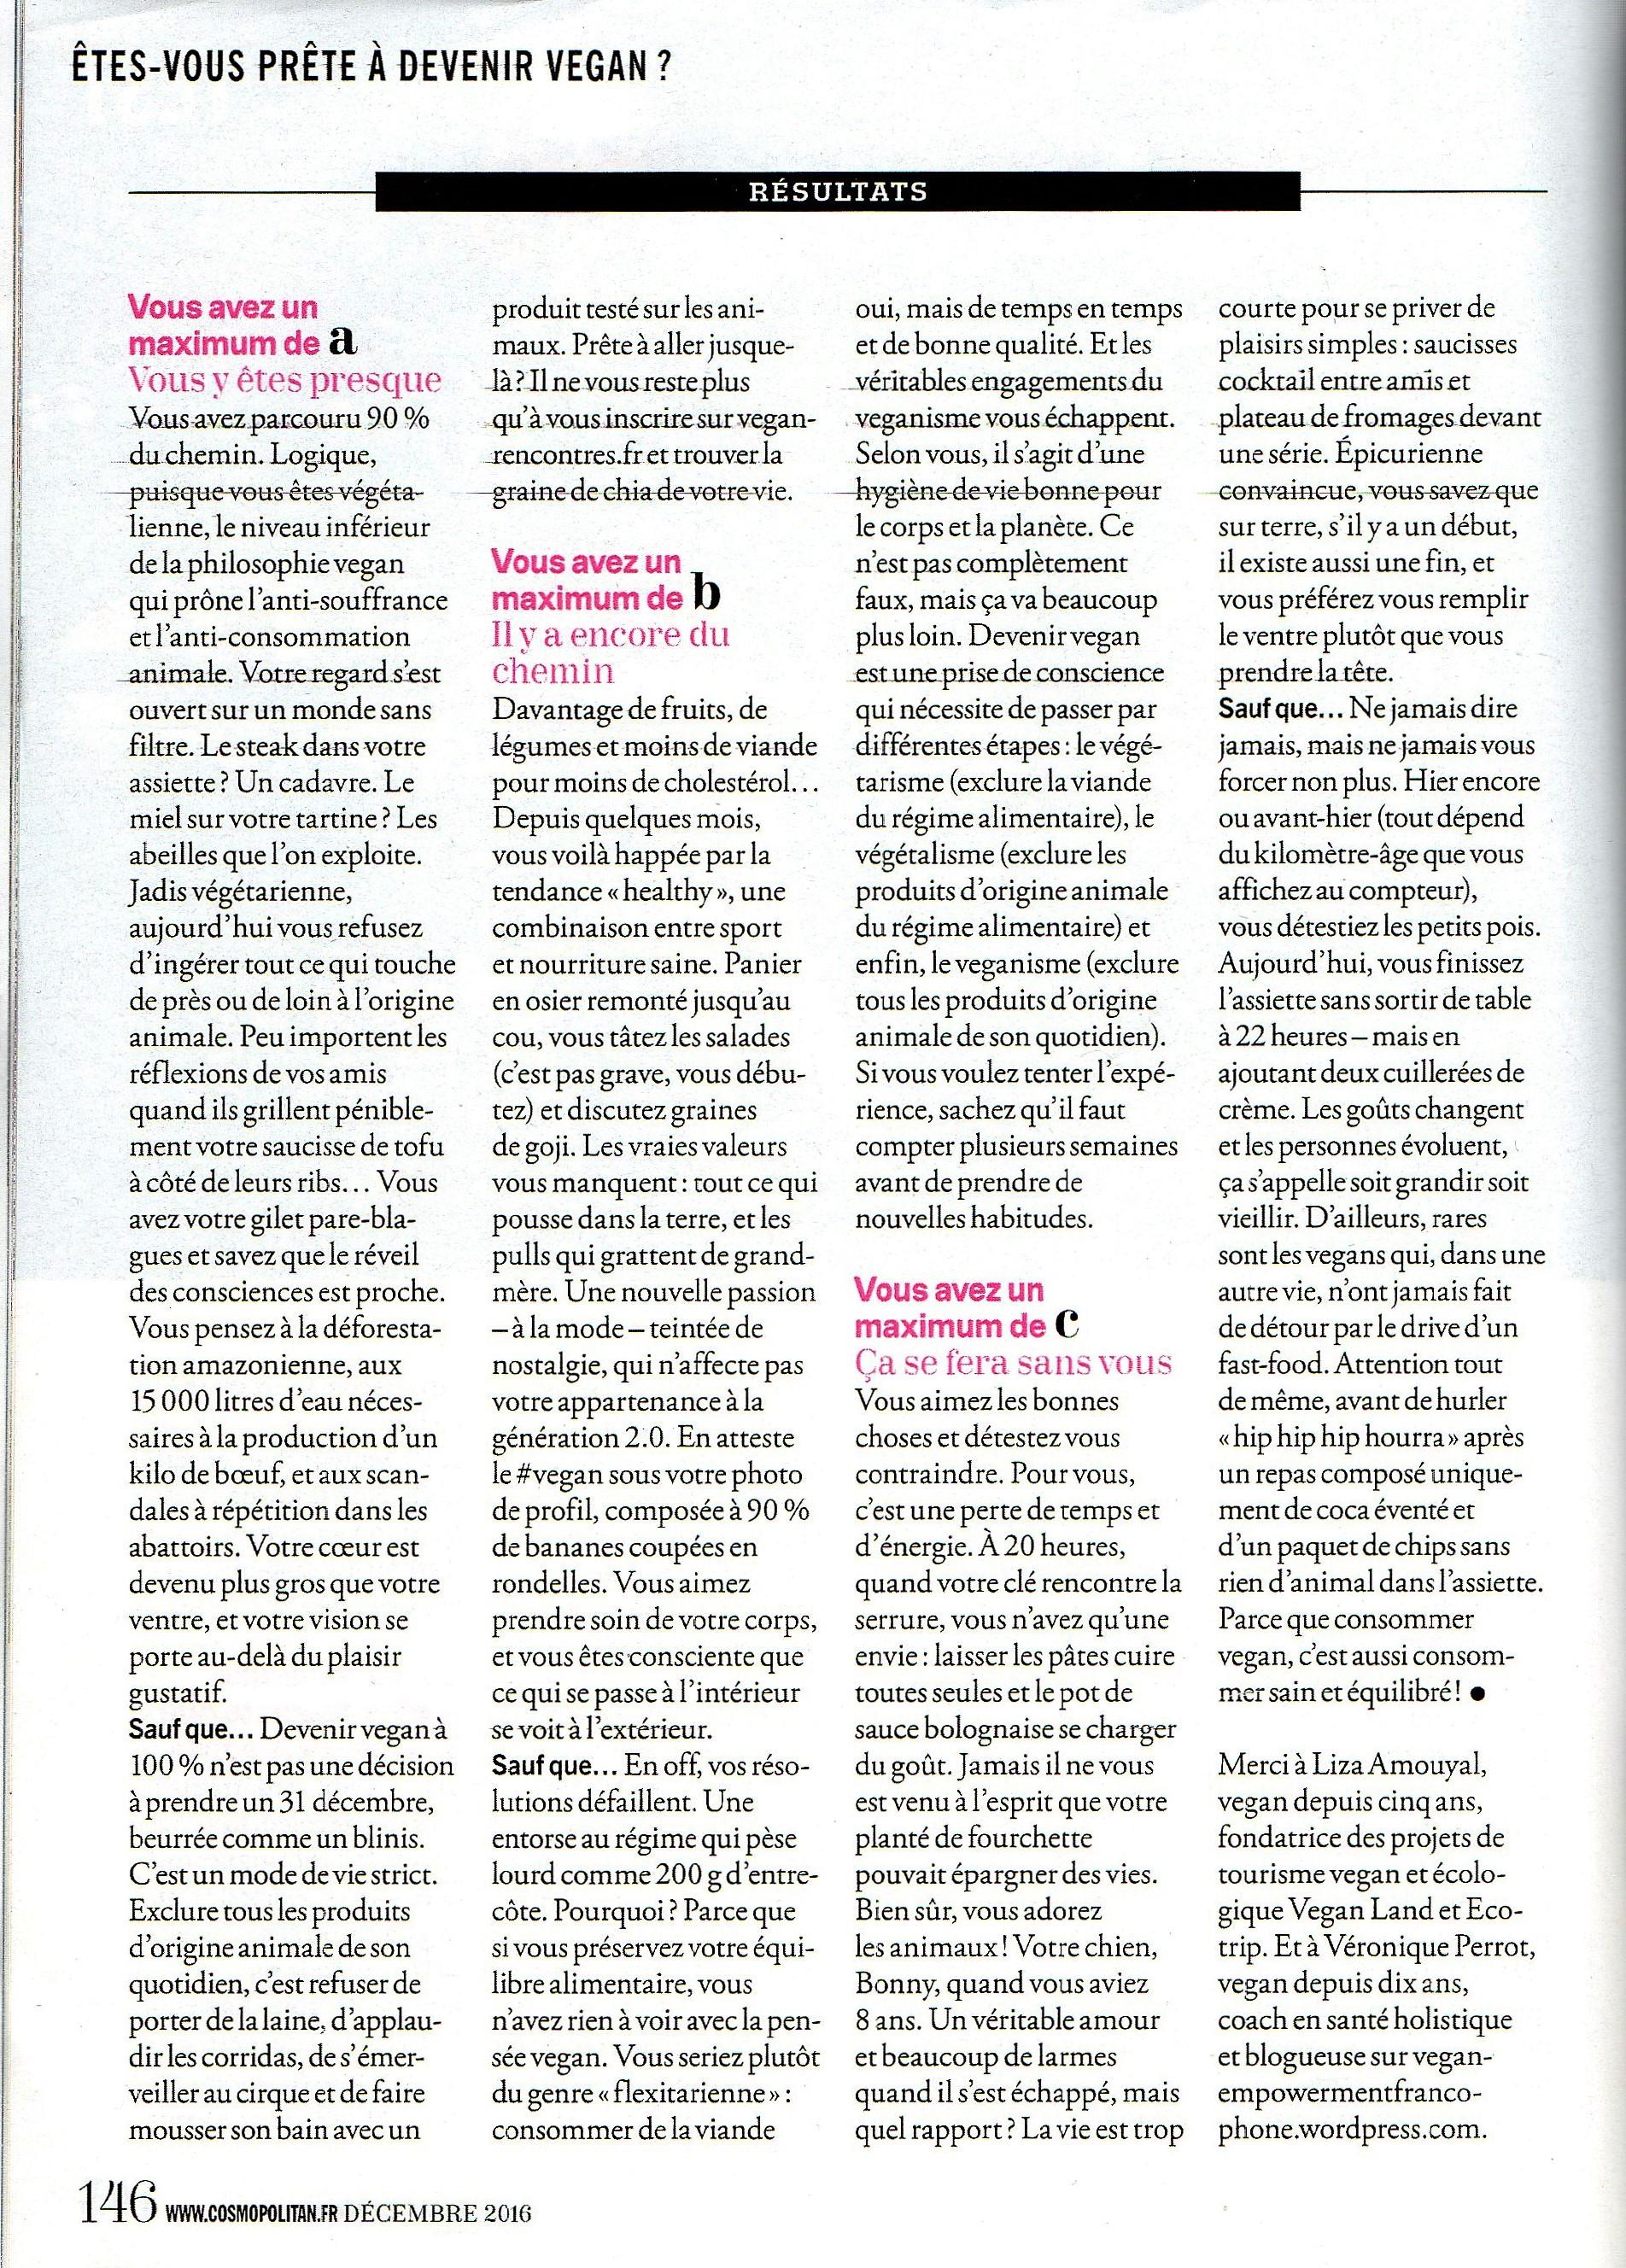 Cosmopolitan Decembre 2016 3